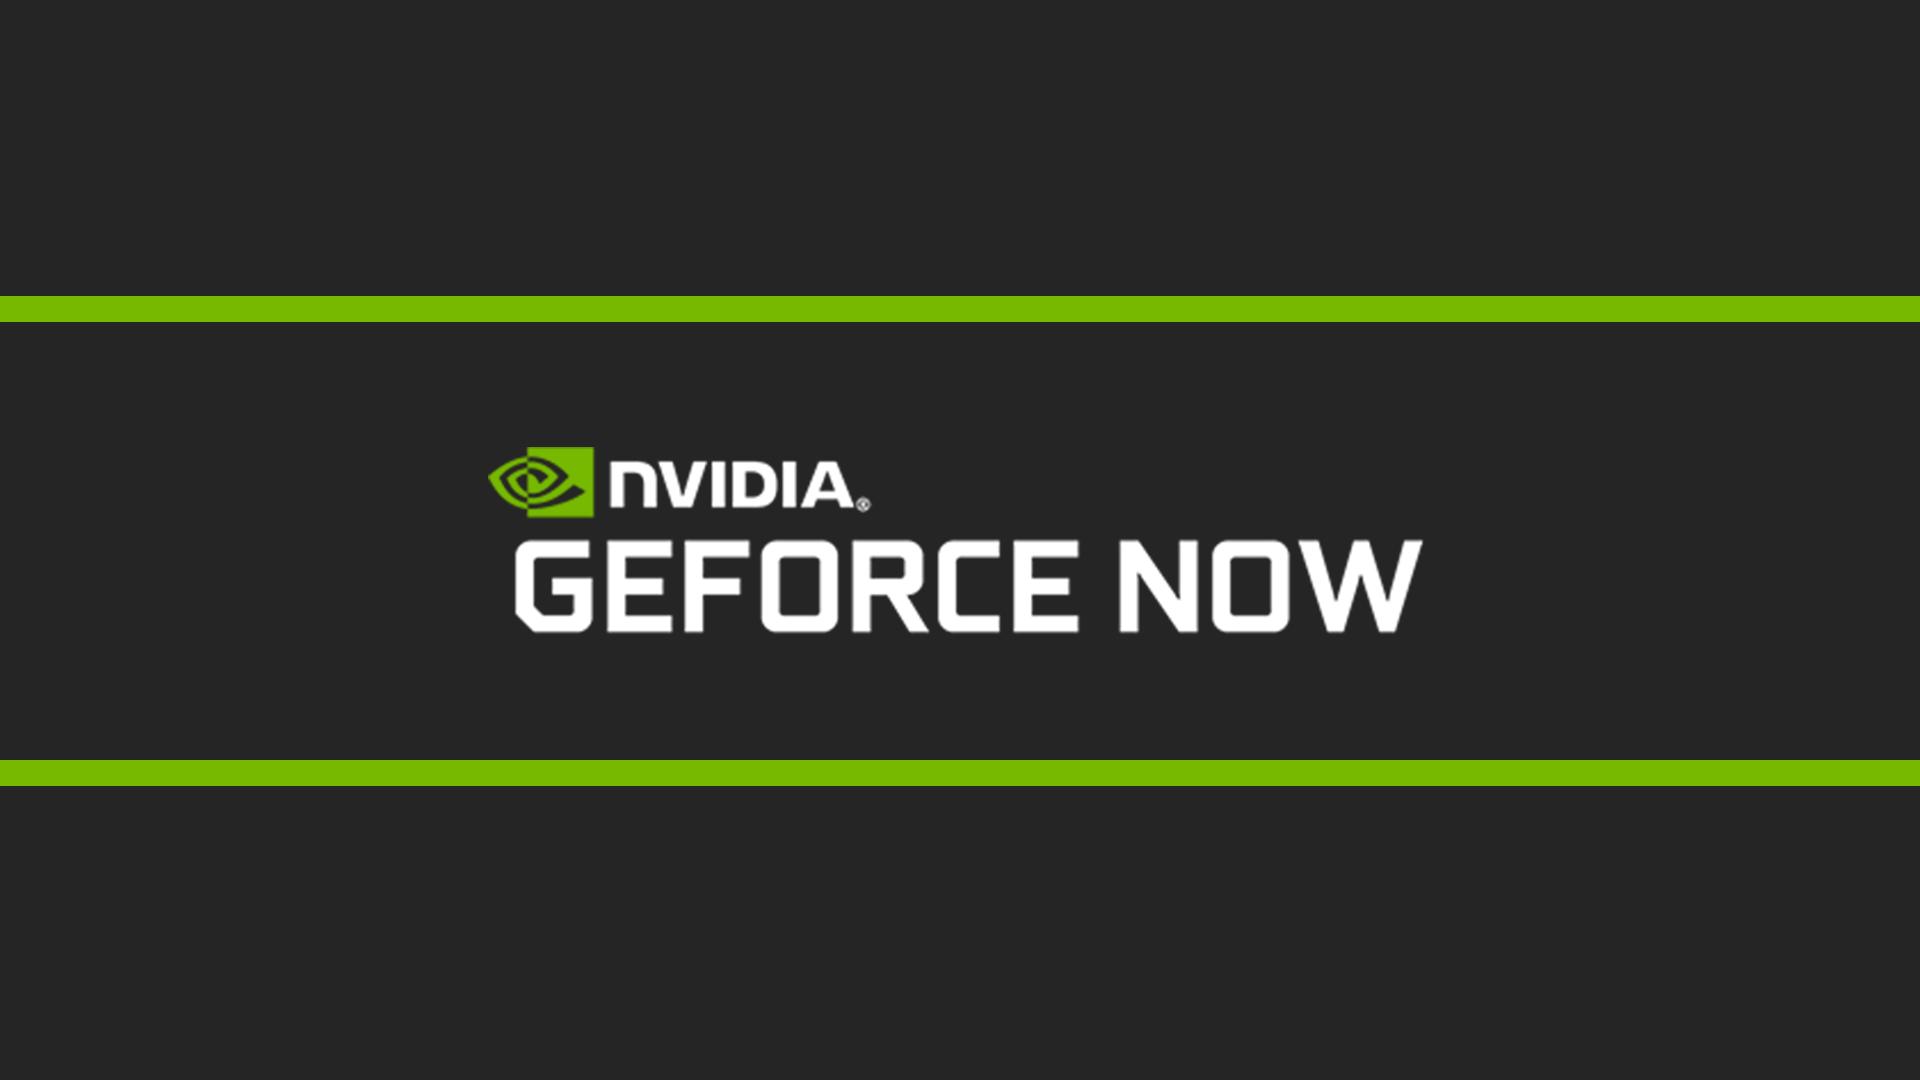 Aktualizacja gier w GeForce NOW - polskie akcenty w usłudze NVIDII 24